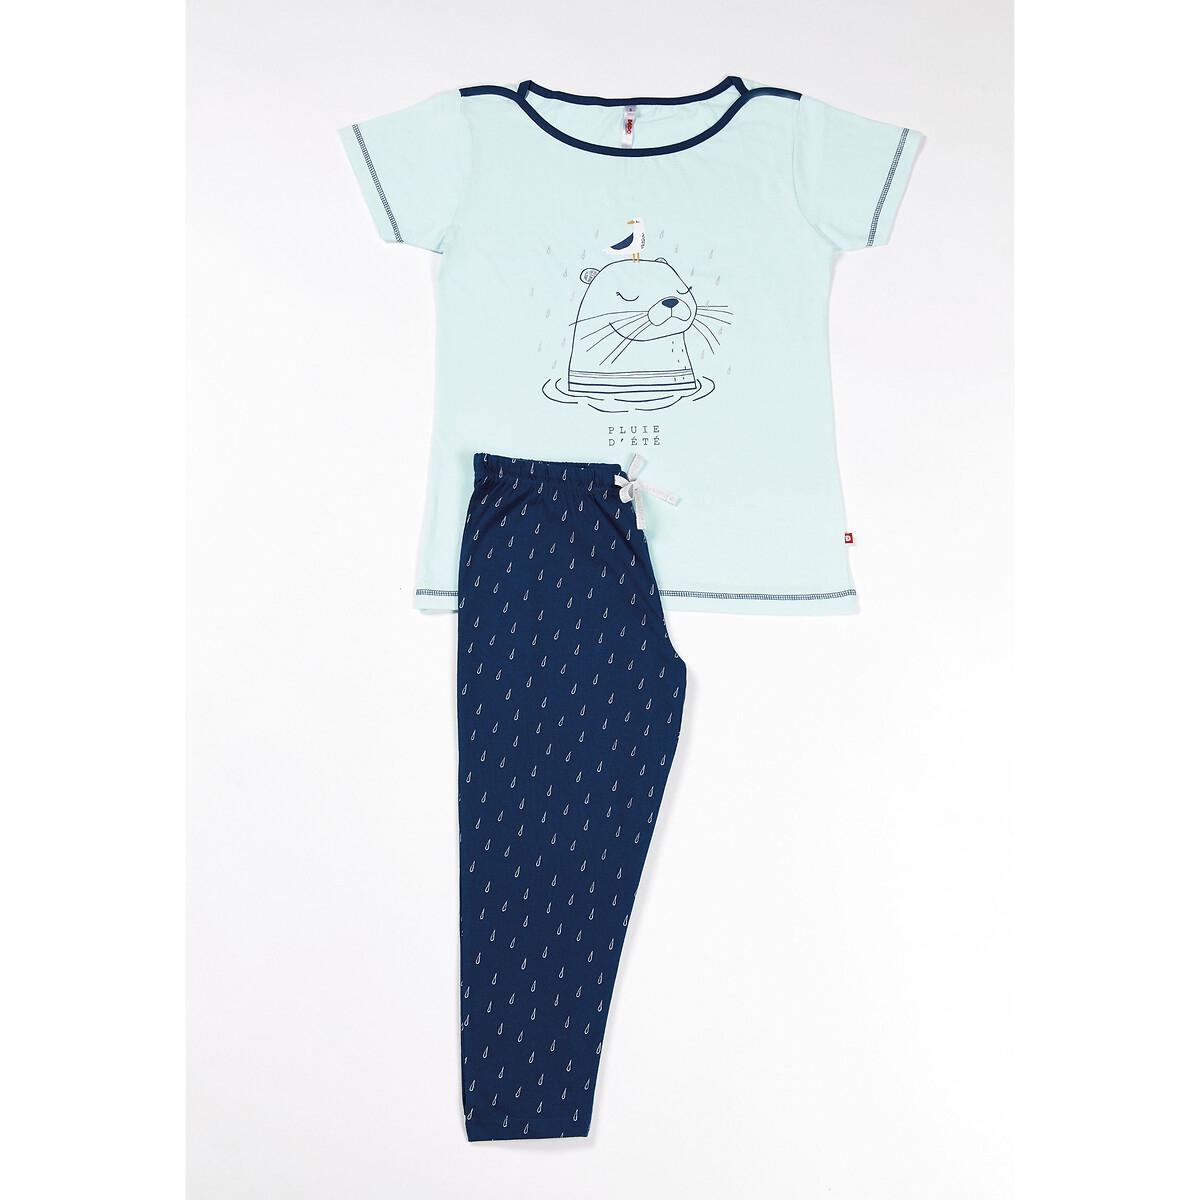 Pijama em algodão bio, Bretagne